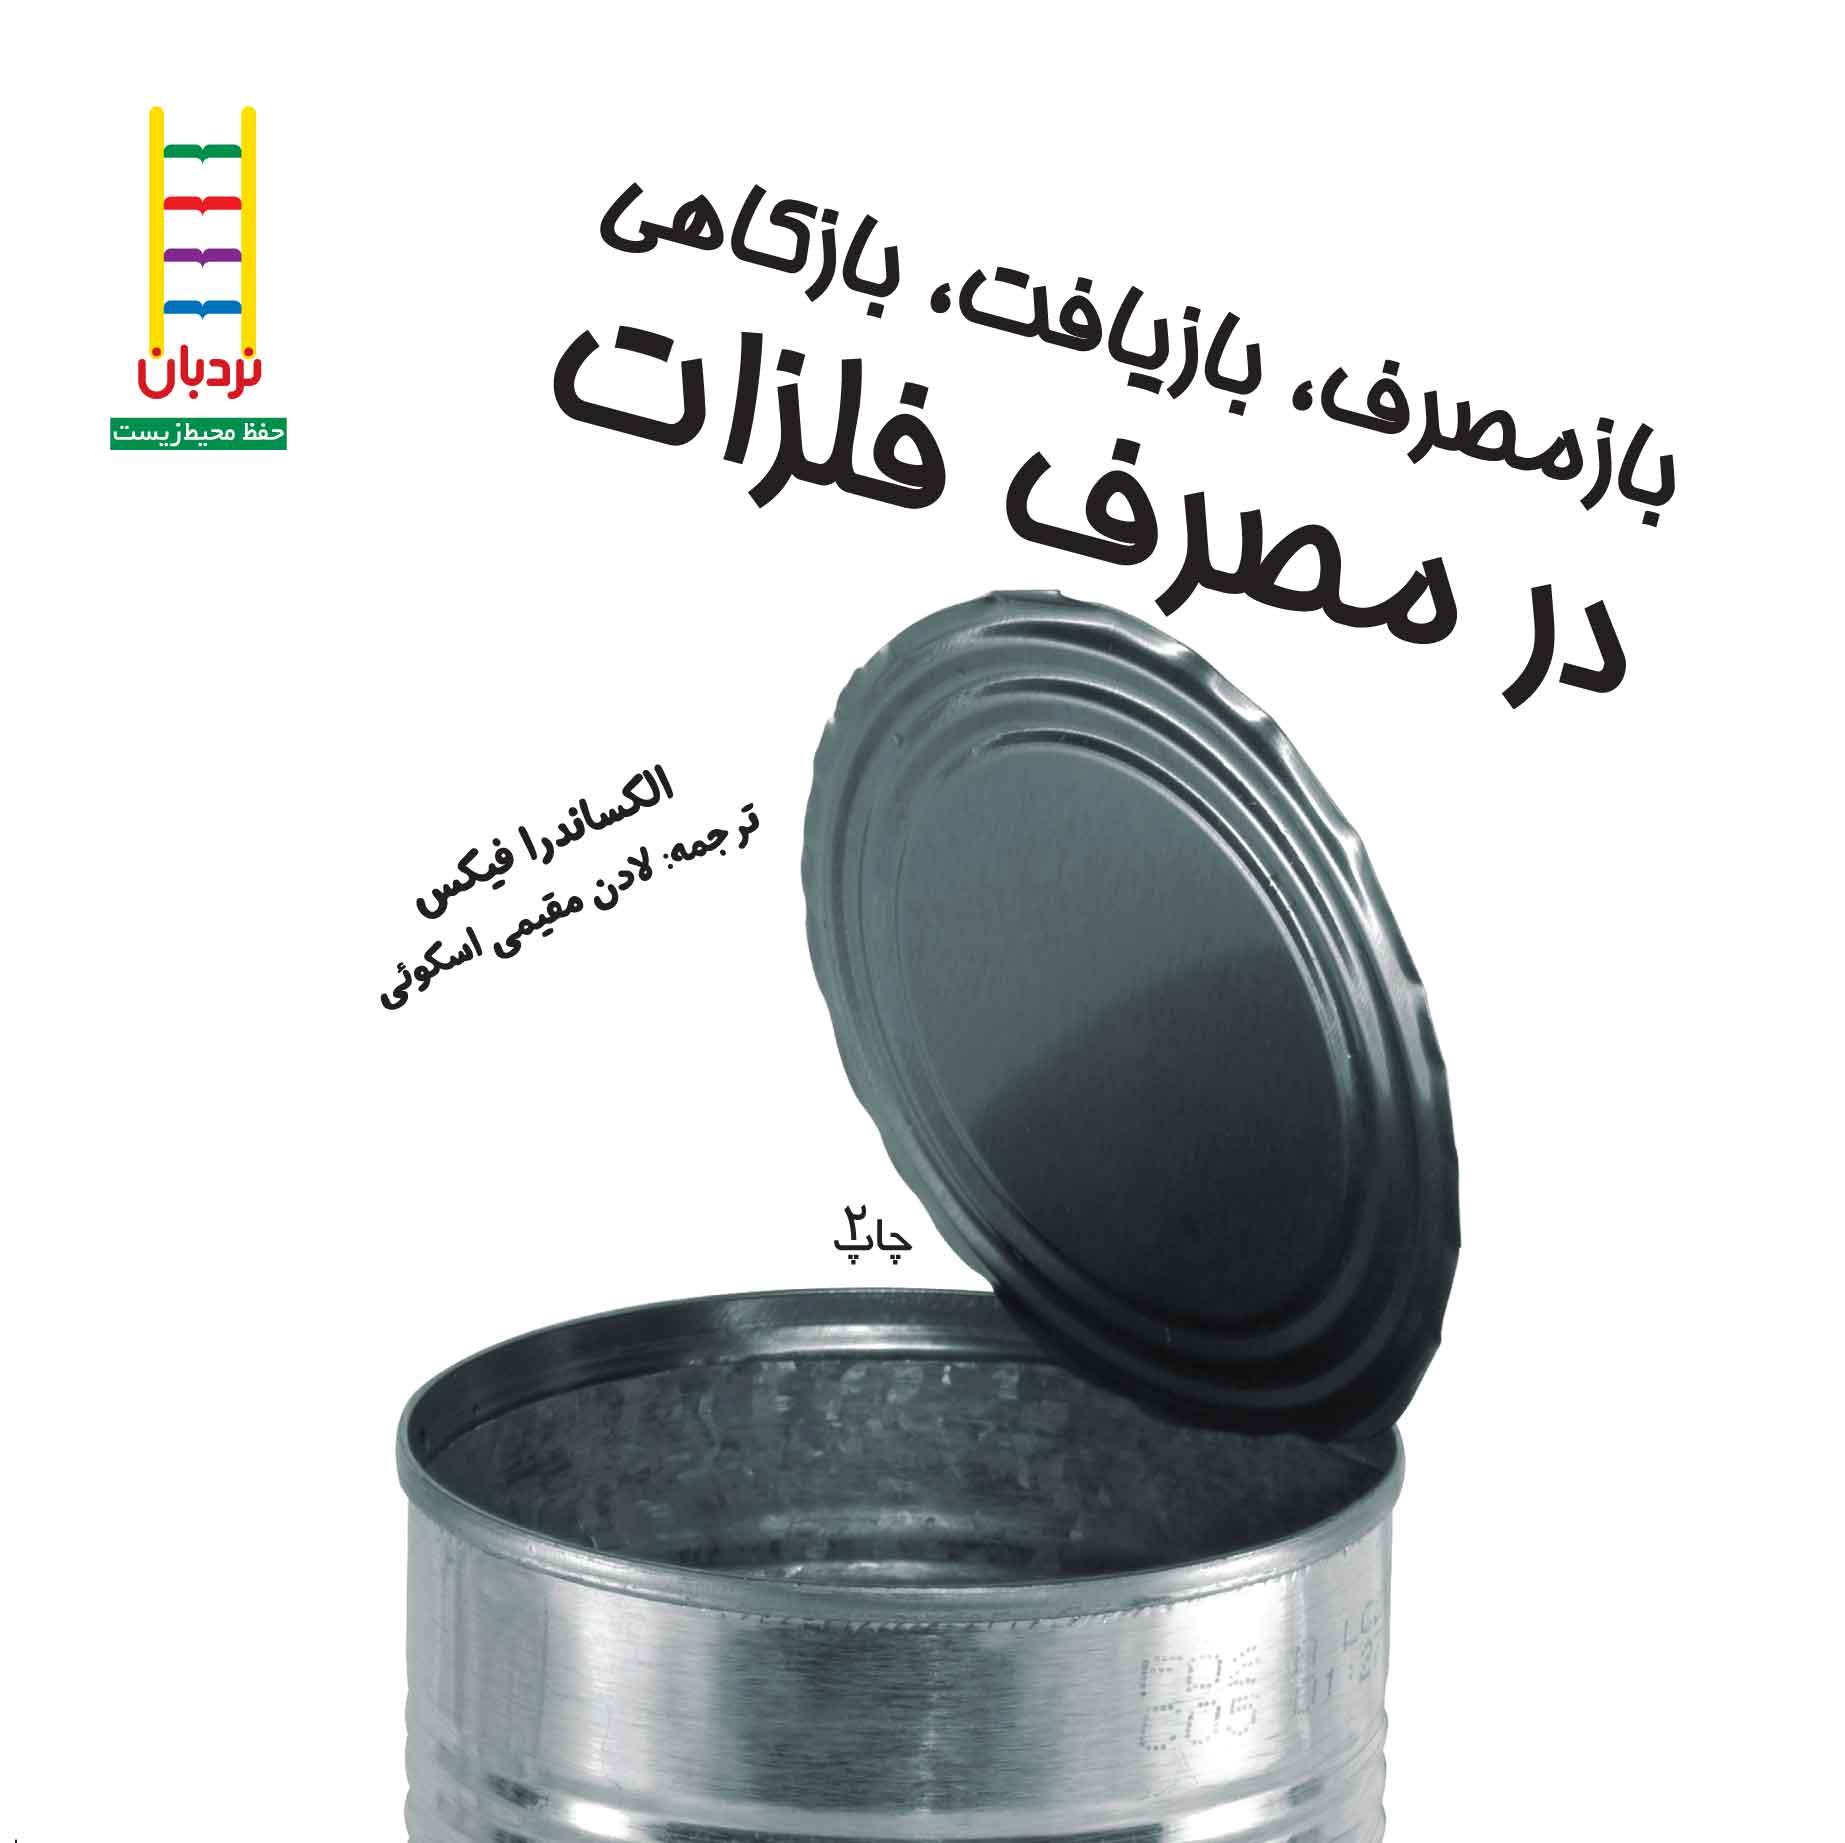 بازمصرف، بازیافت، بازکاهی در مصرف  فلزات...